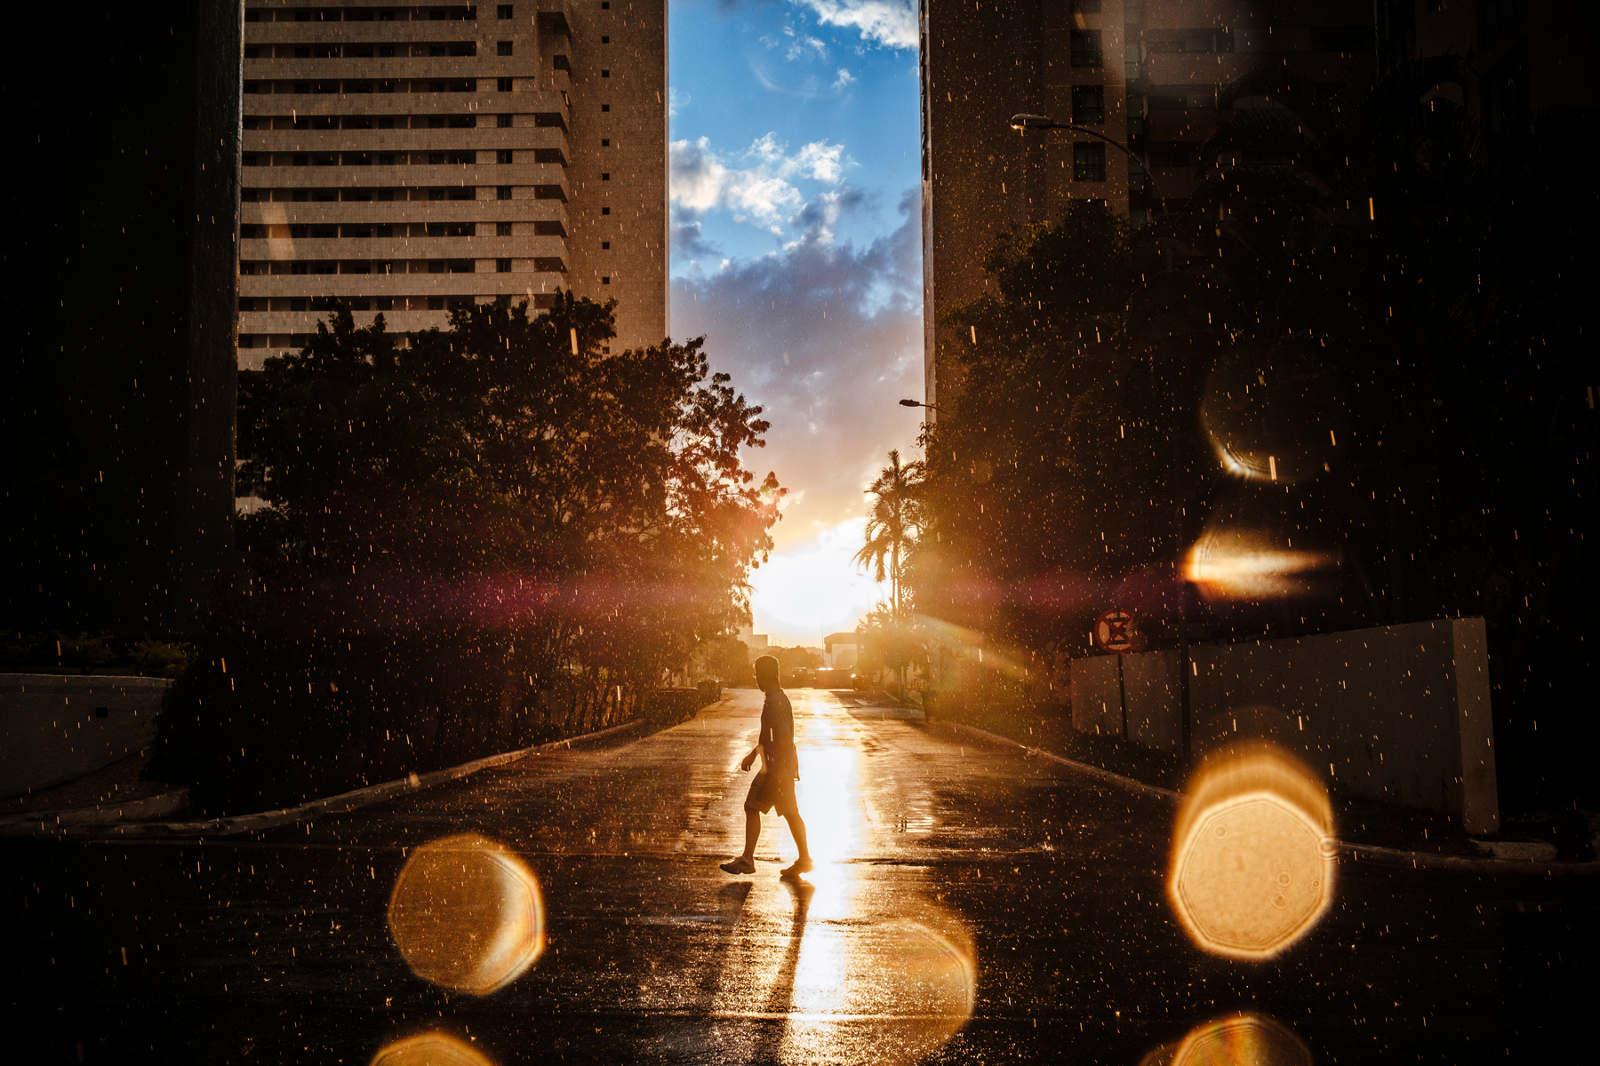 La street photography par le photographe brésilien Gustavo Minas